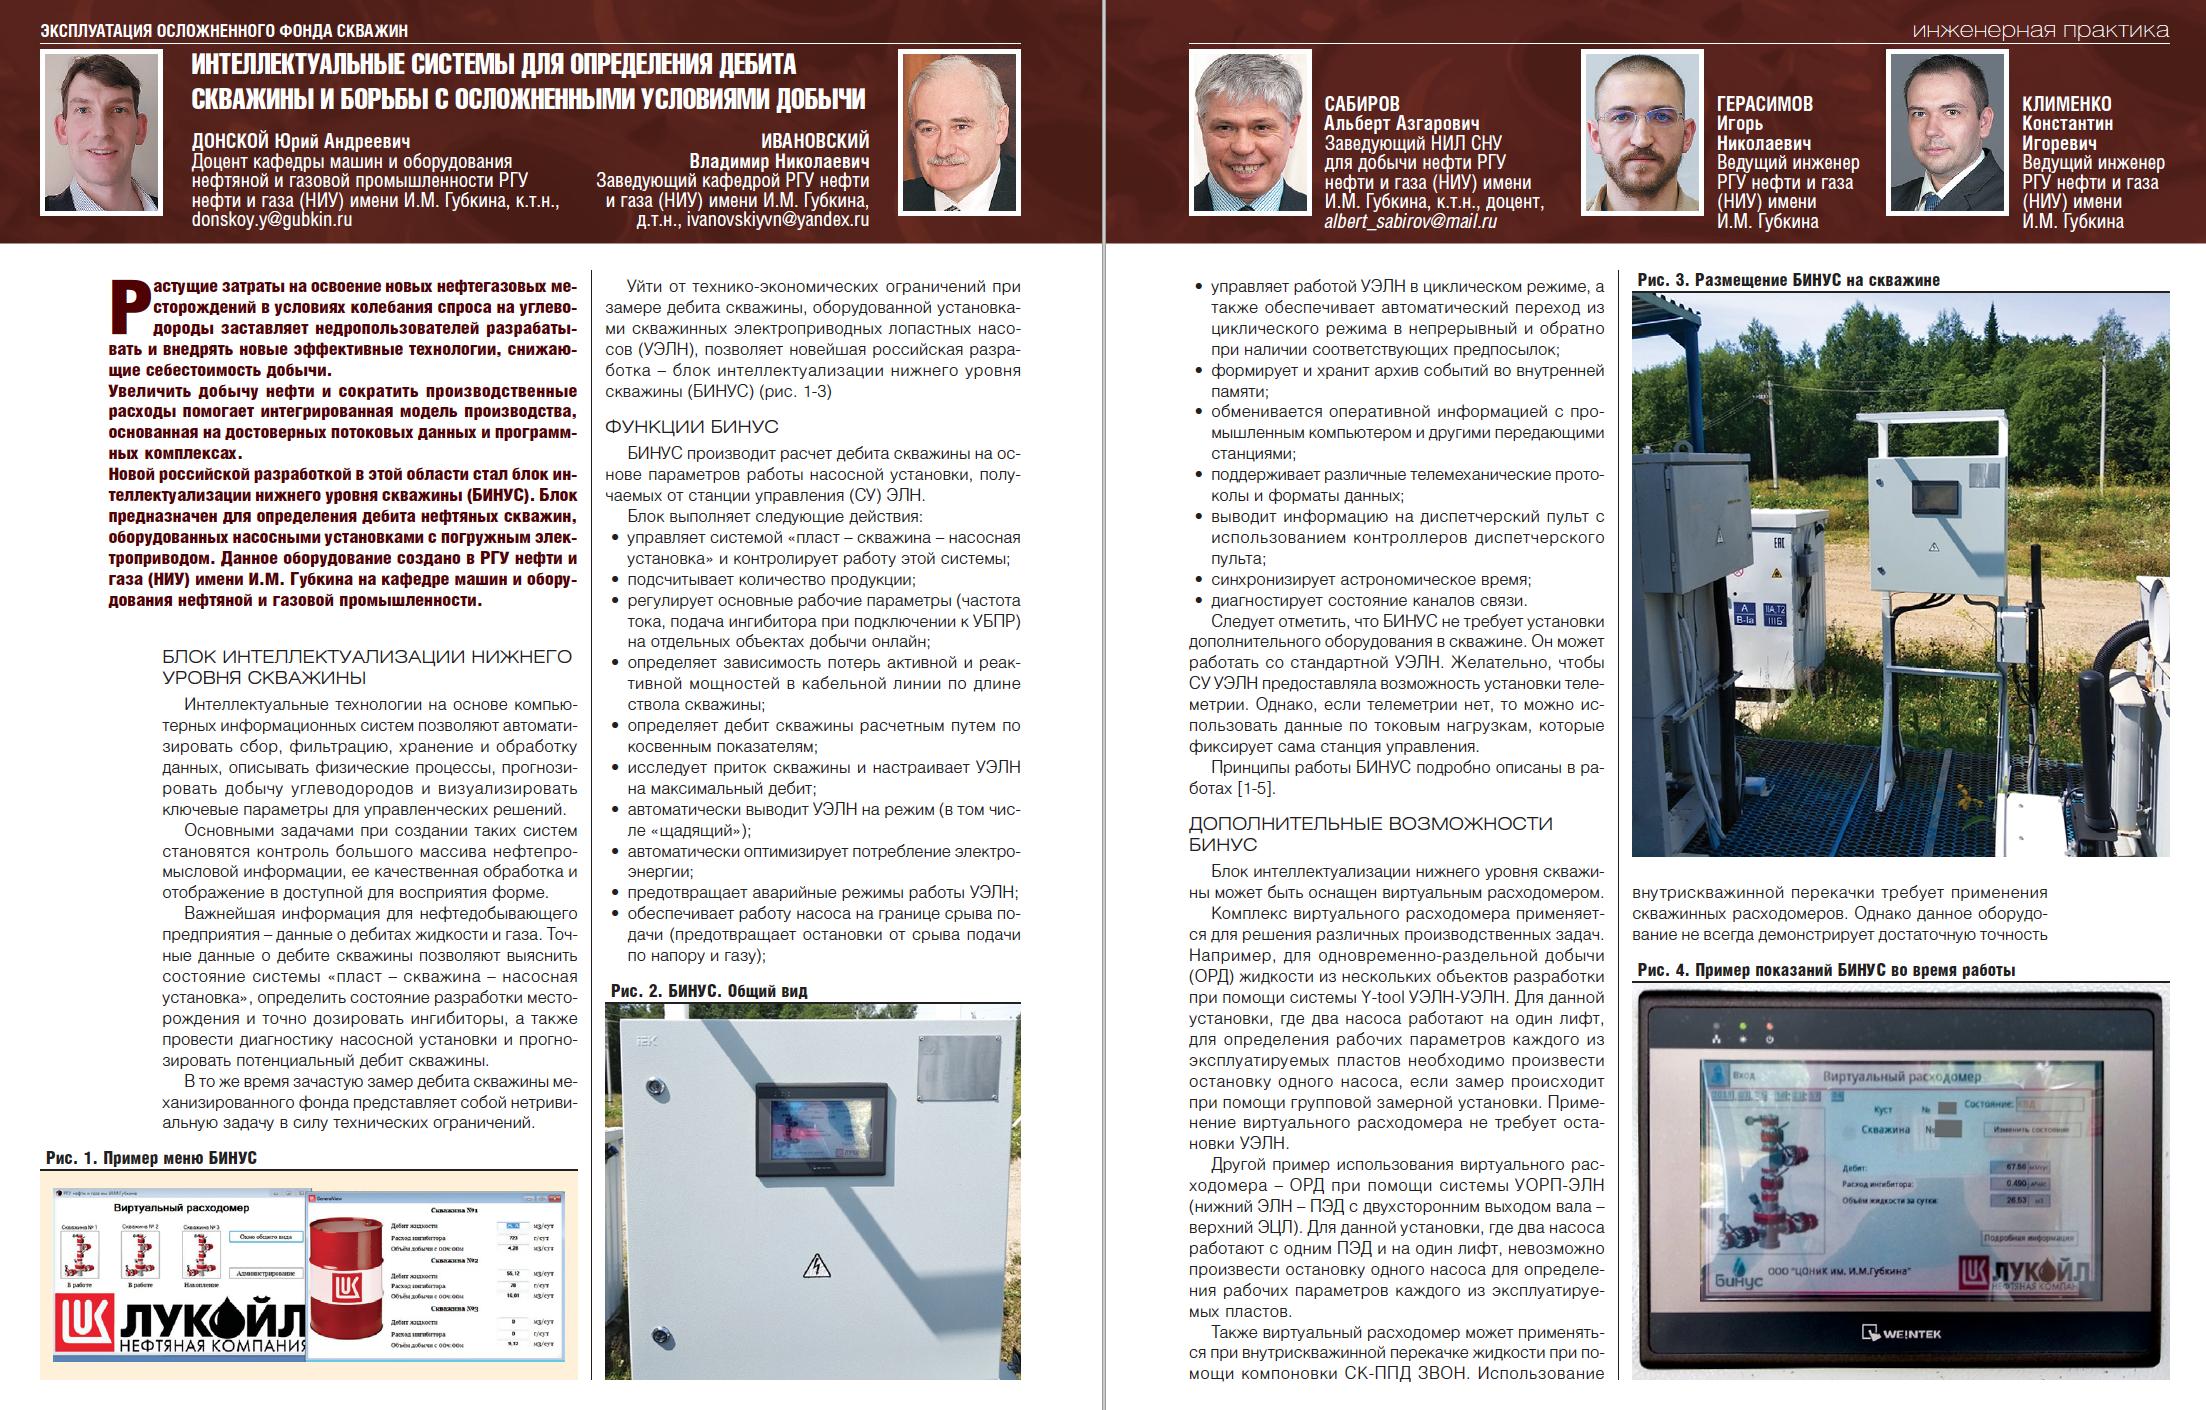 35801 Интеллектуальные системы для определения дебита скважины и борьбы с осложненными условиями добычи